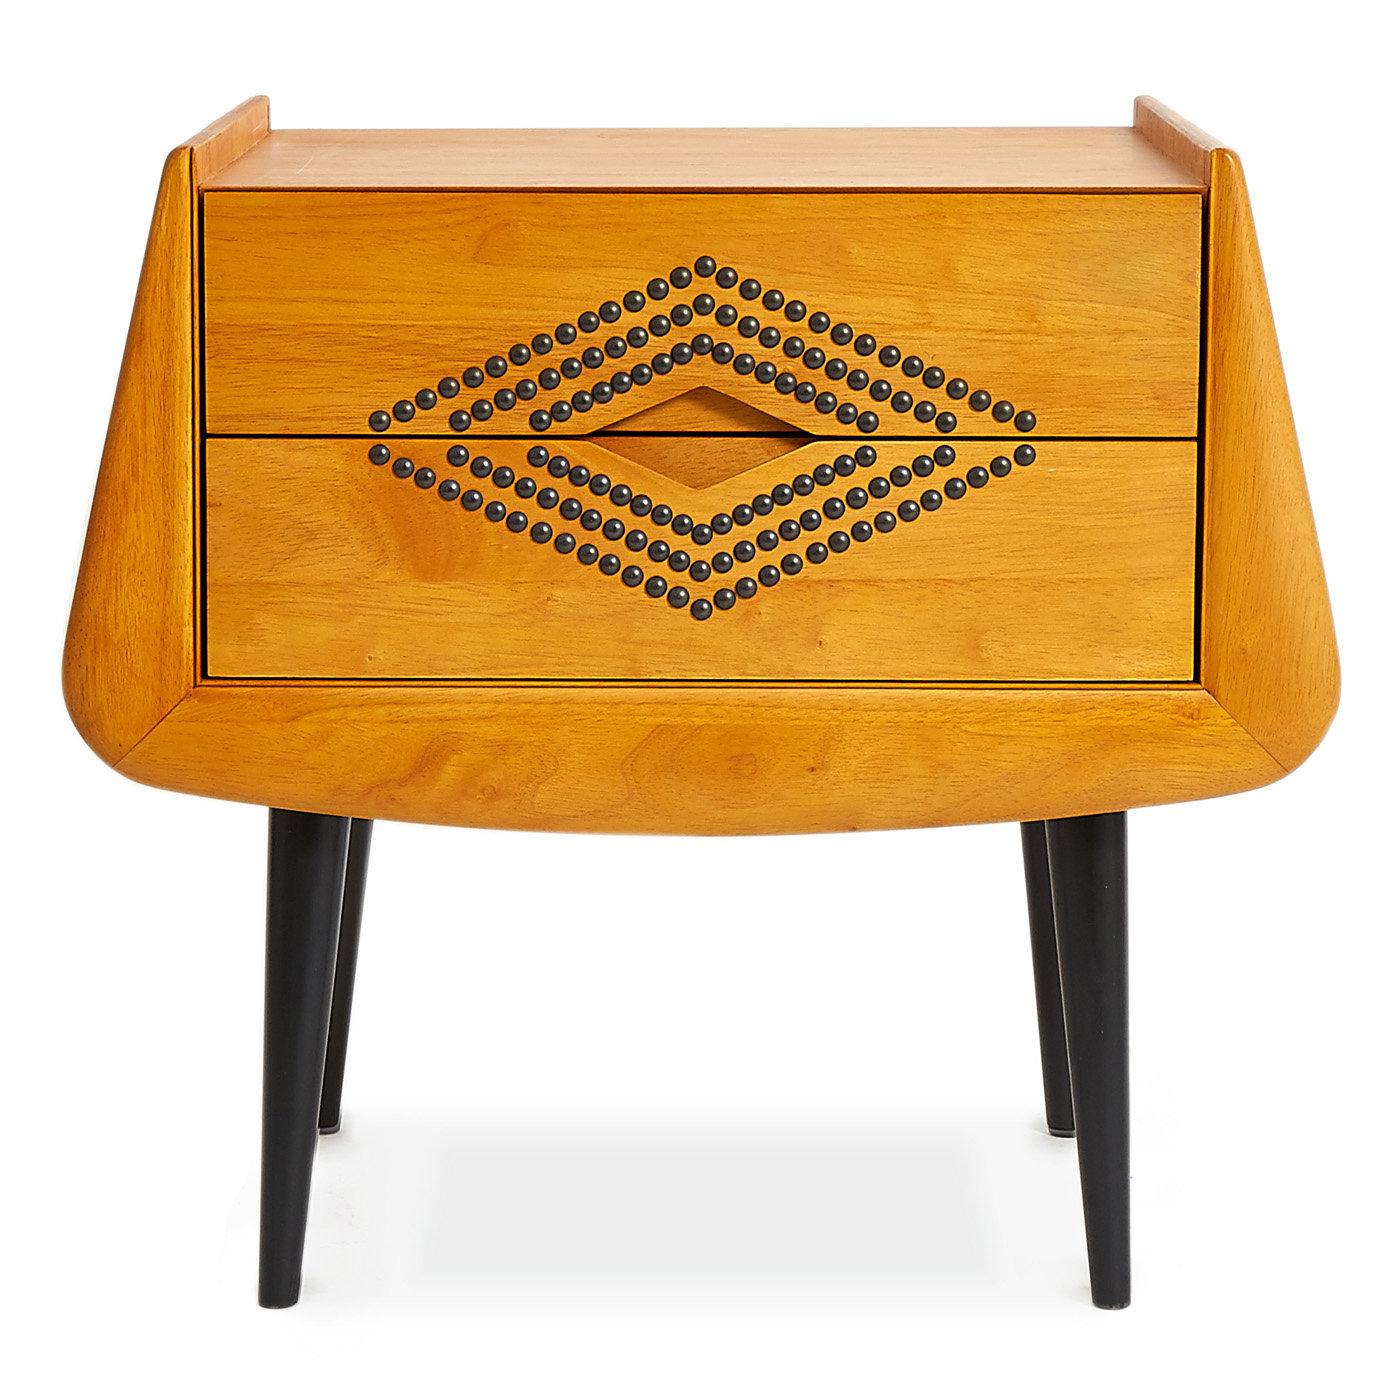 Jonathan Adler · Jonathan Adler Is A High End Designer Furniture ...